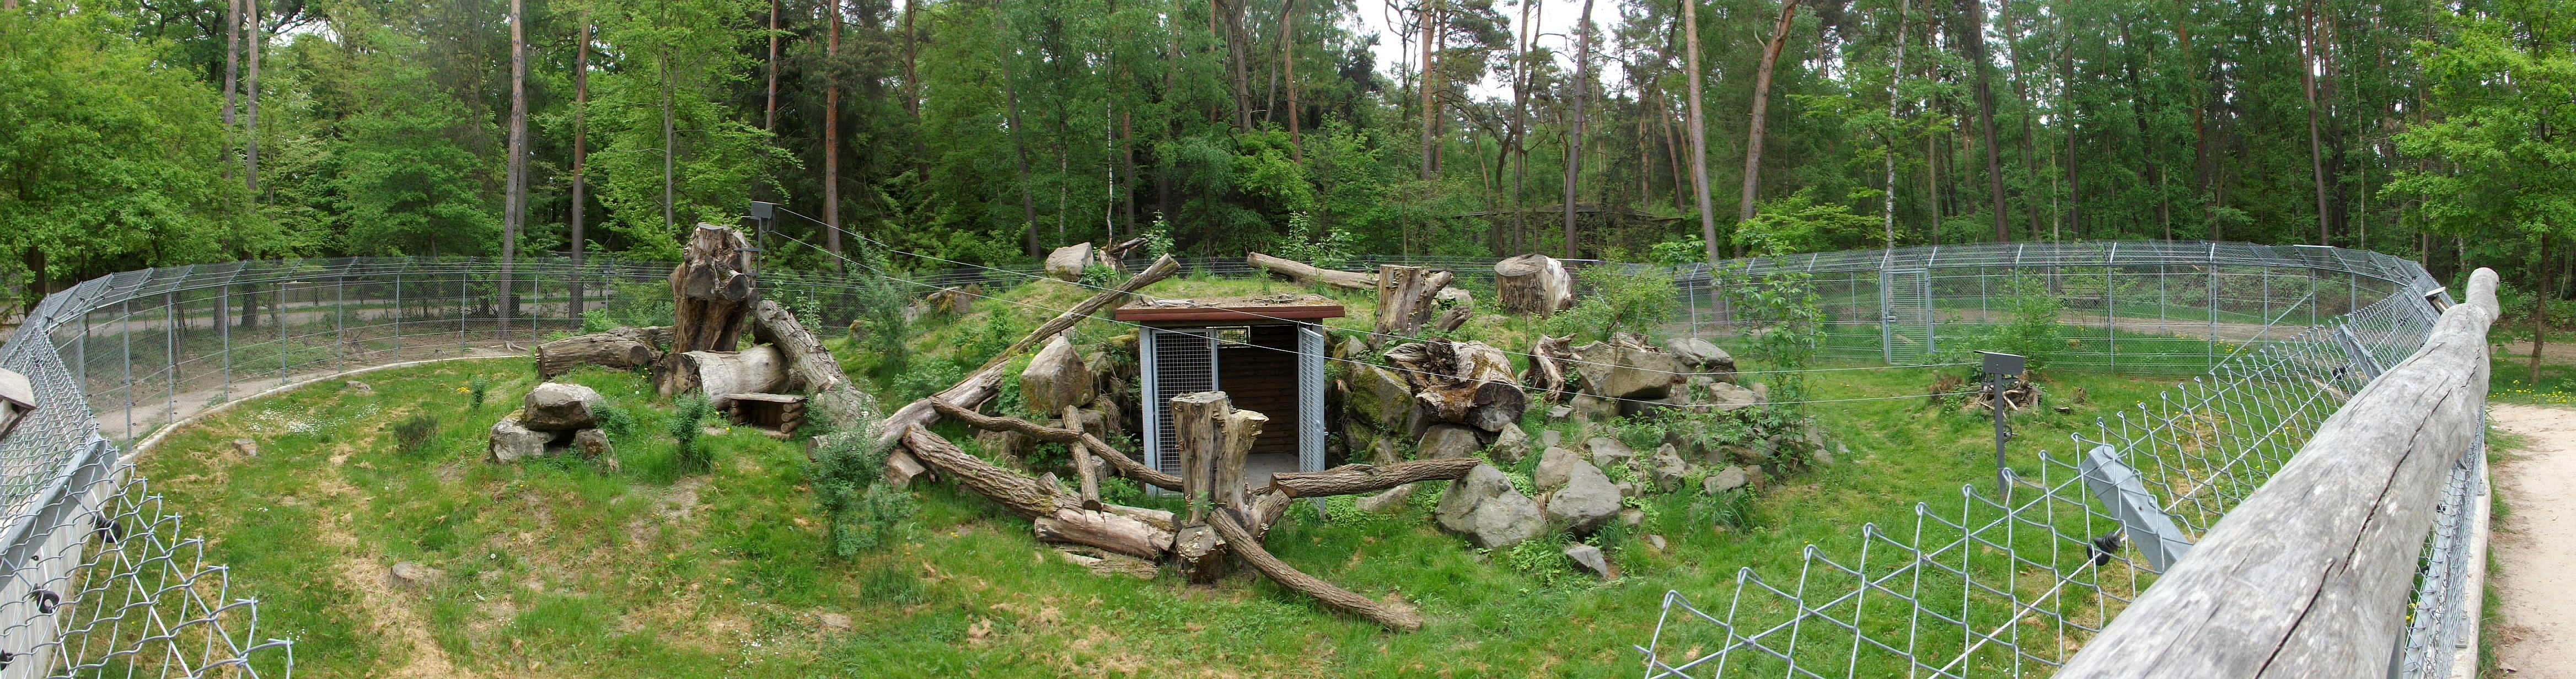 Wildkatzenanlage (Alte Fasanerie Hanau)